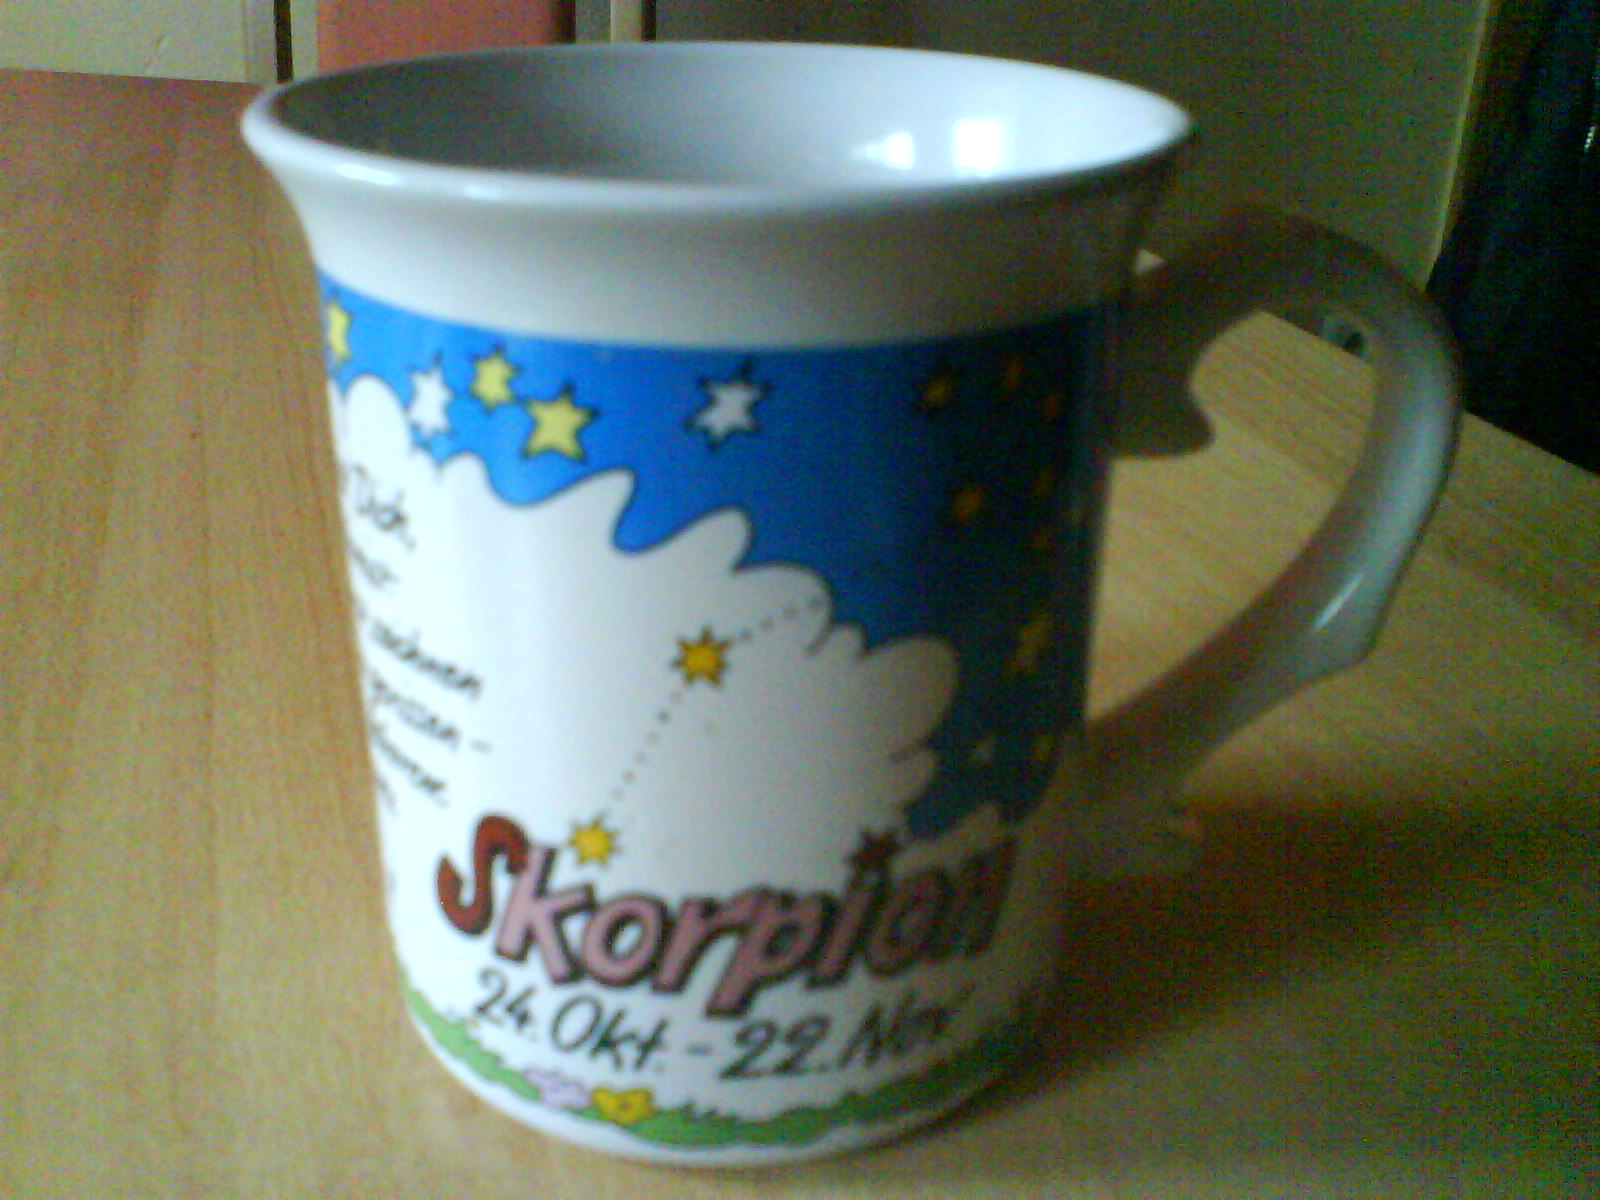 Tassenparade 2011 - Woche 10